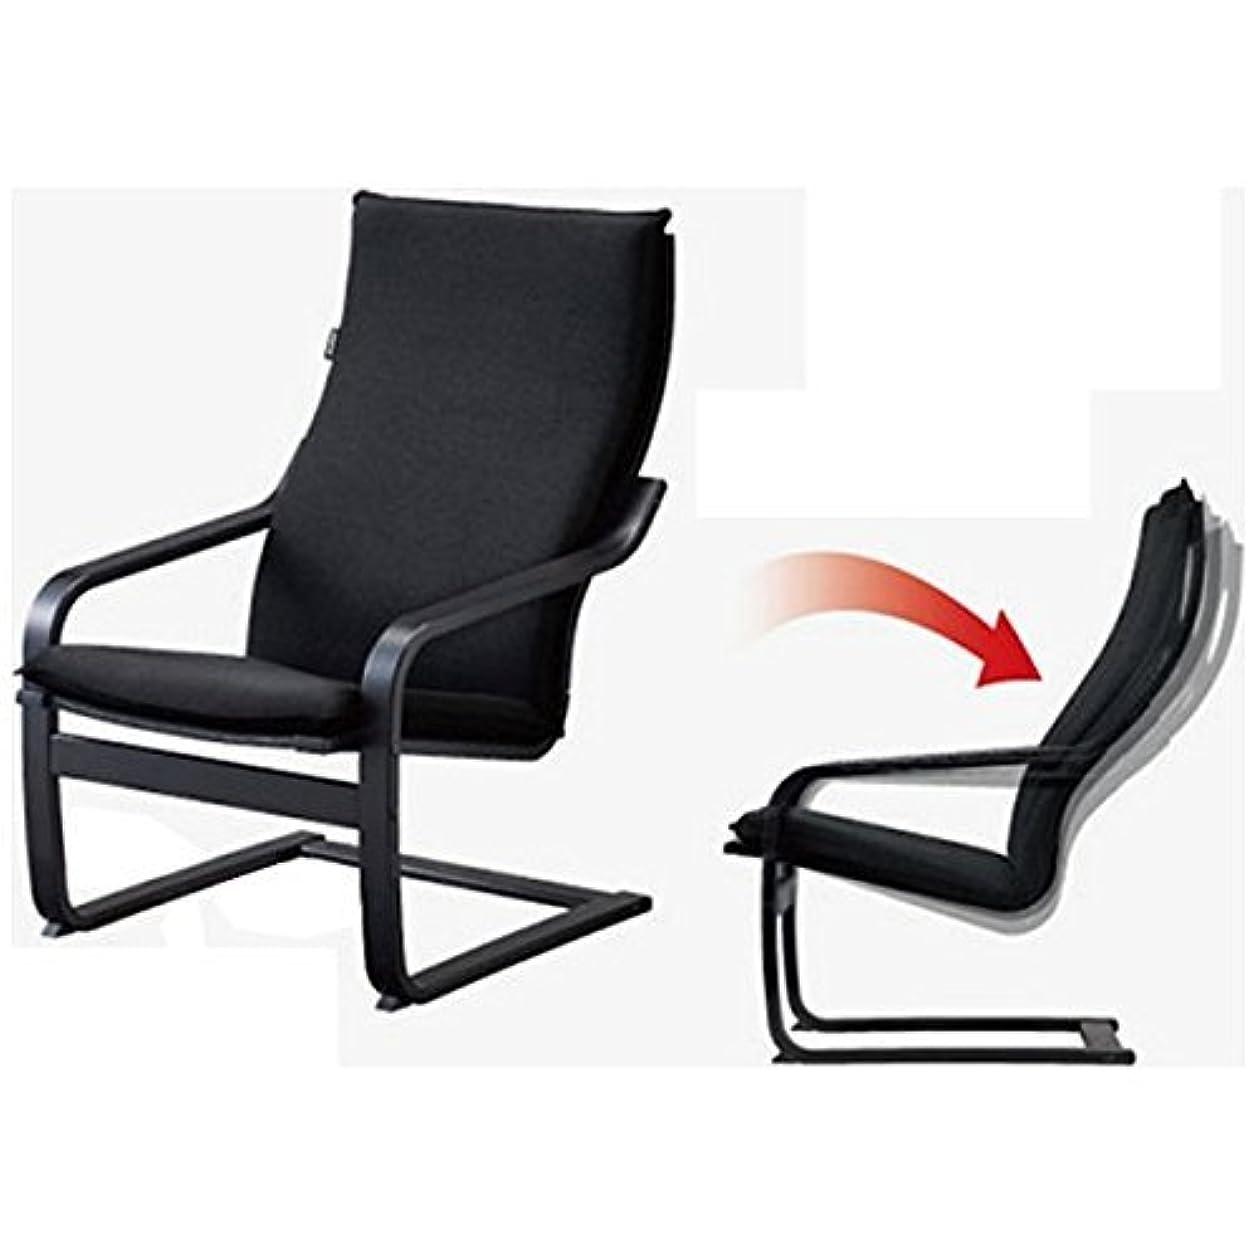 プレーヤー植物学消去フジ医療器 シートマッサージャー用チェア(ブラック)my relax(マイリラ) MRL-10C